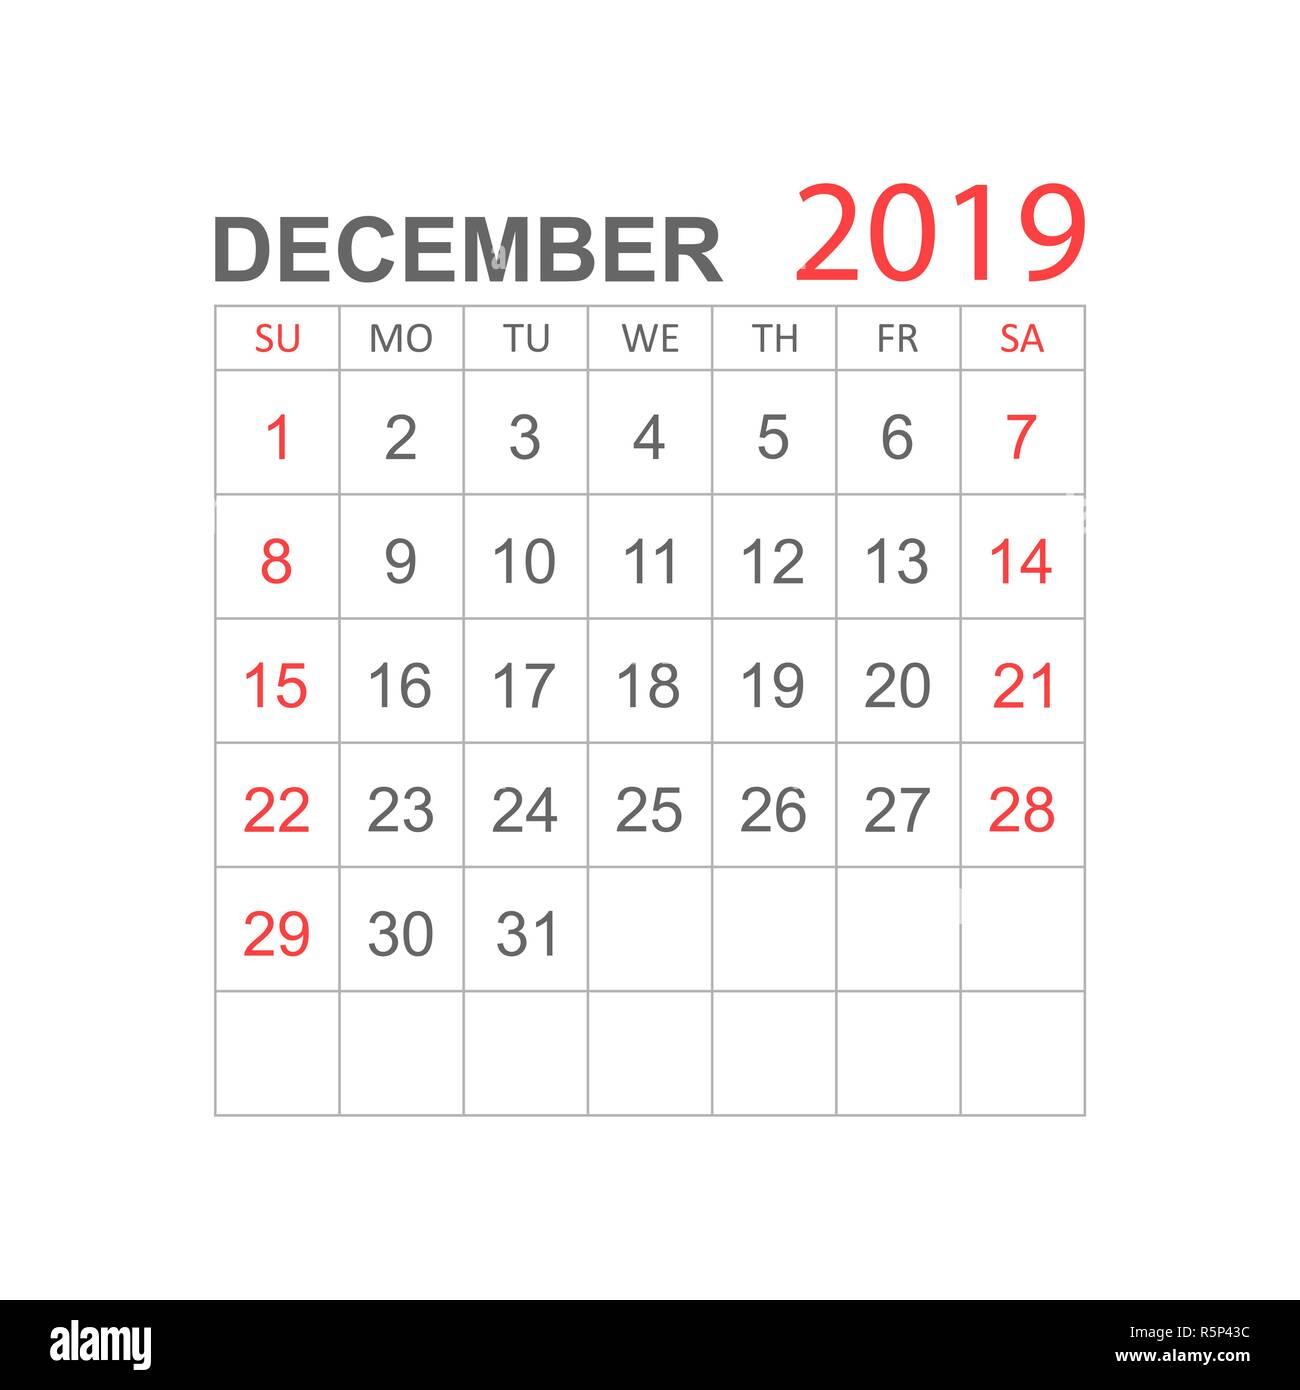 Calendario Diciembre.Calendario Diciembre 2019 Ano En Estilo Sencillo